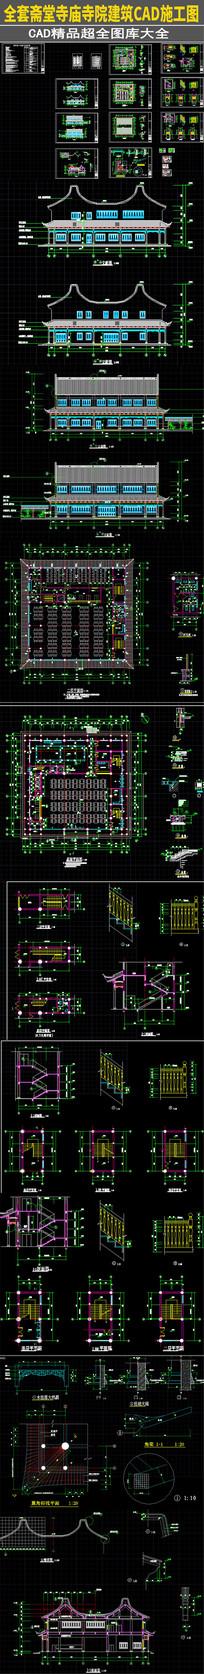 全套斋堂寺庙寺院建筑CAD施工图